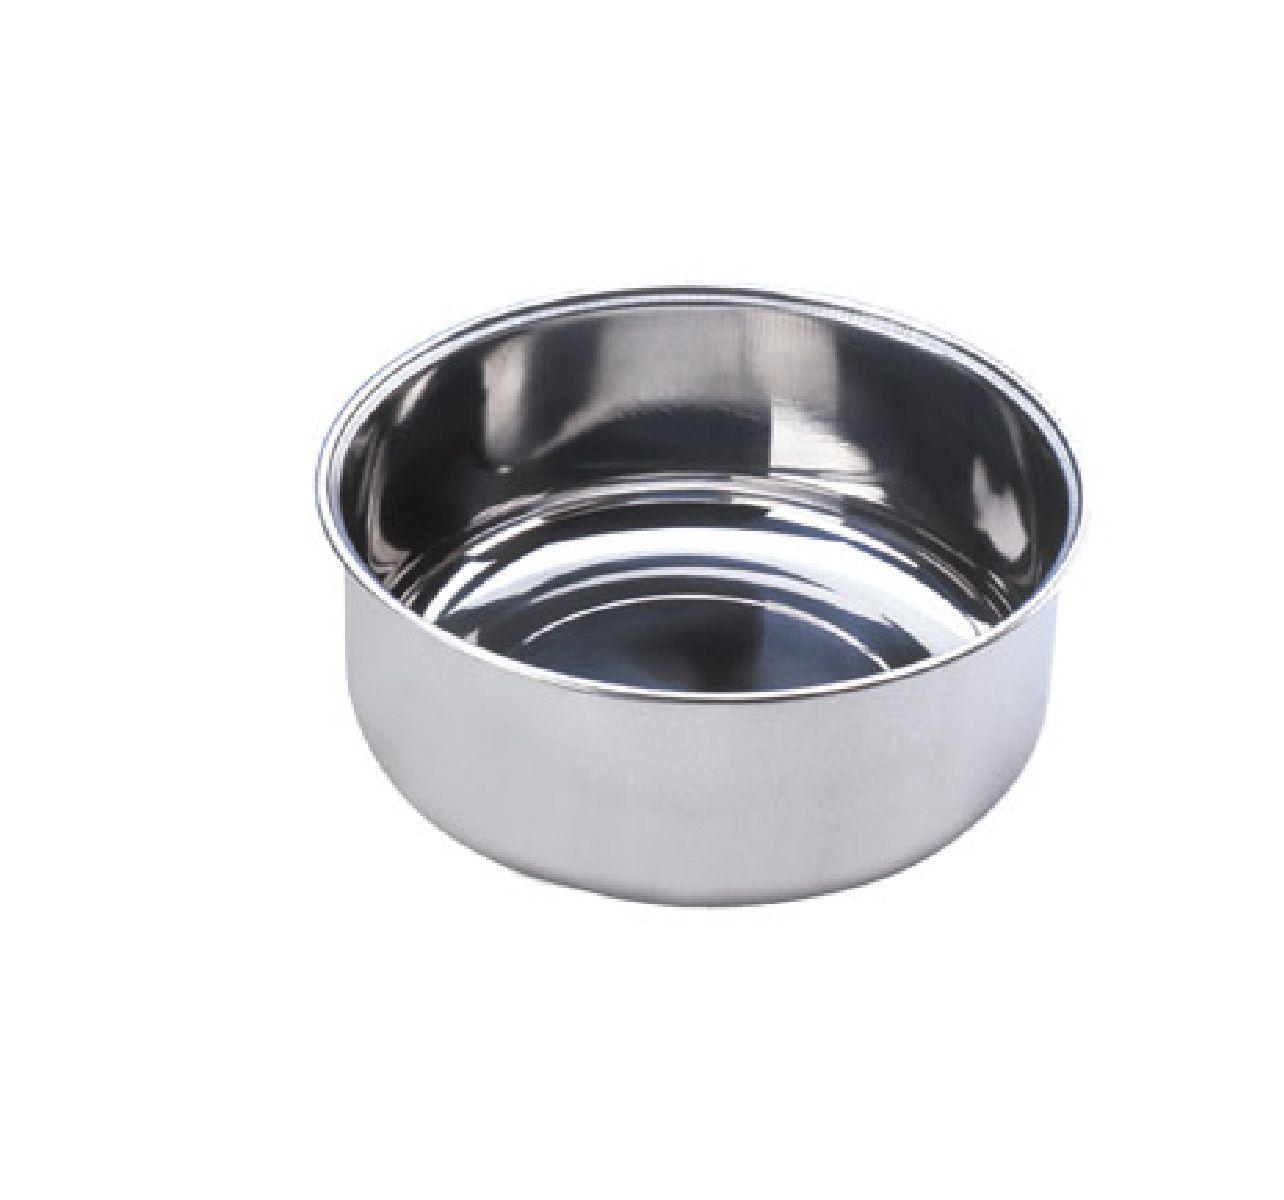 Bowl para Temperar e Marinar de Aço Inox 8,5L